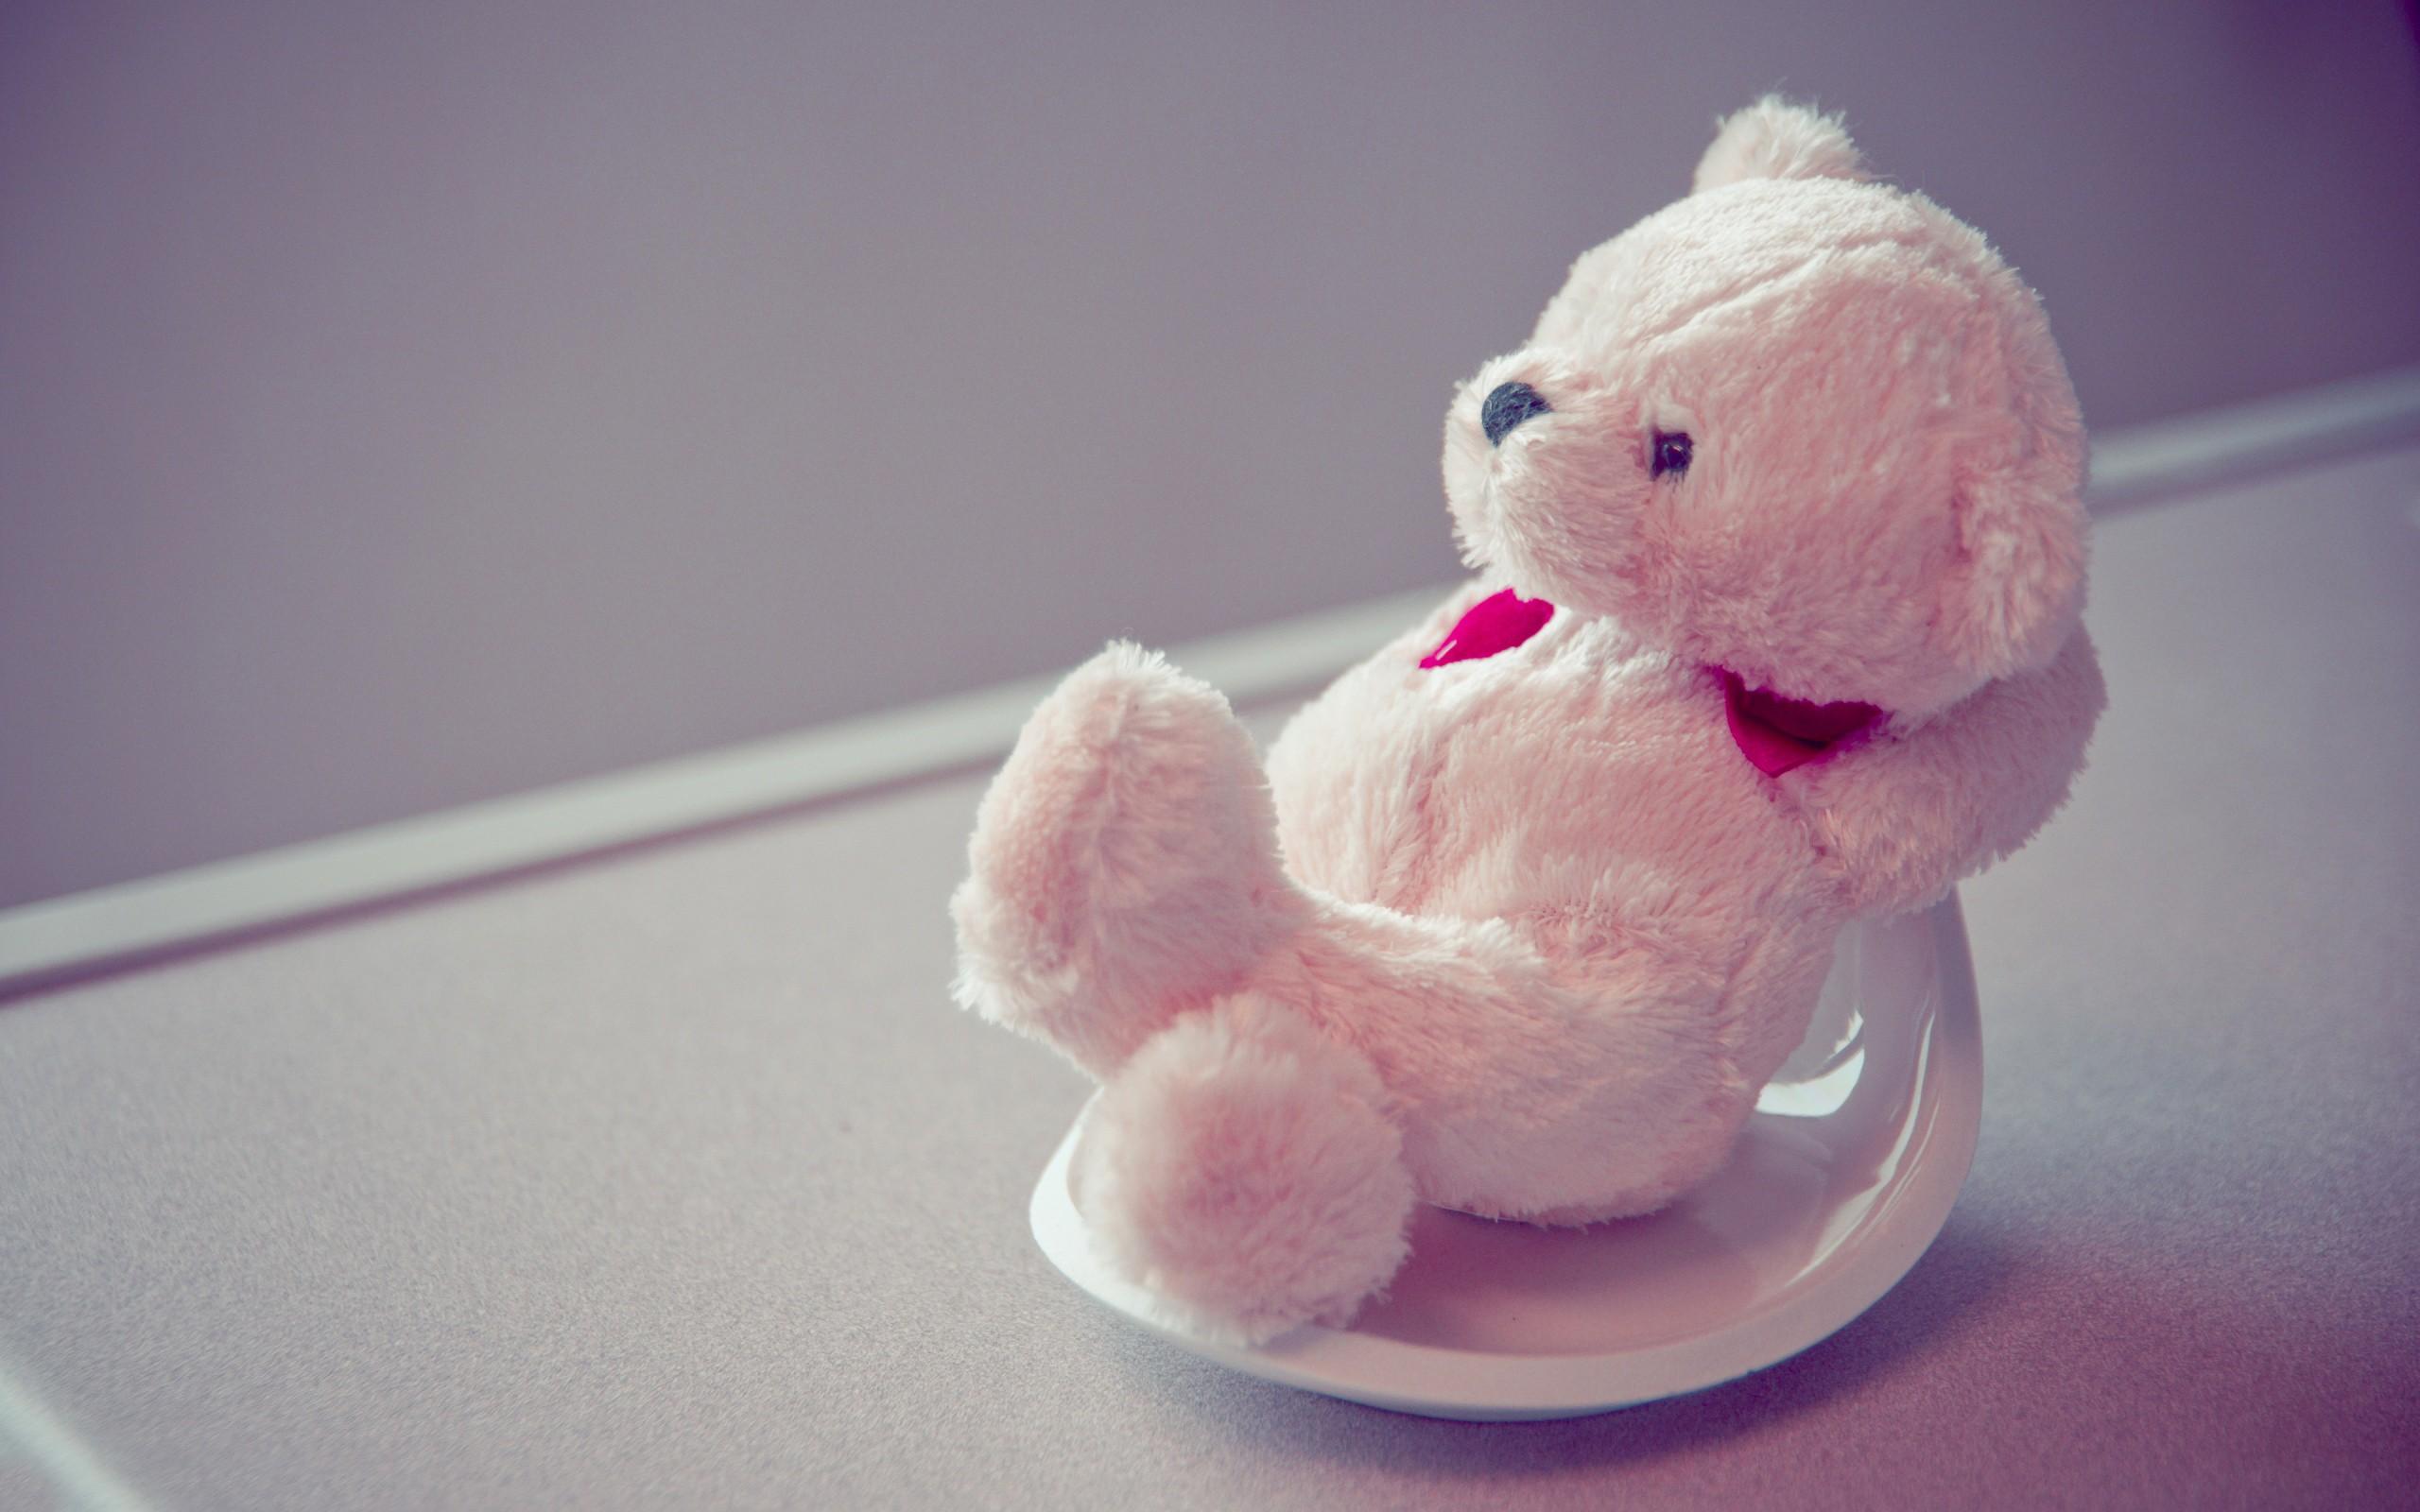 Hình ảnh hoạt hình gấu bông dễ thương